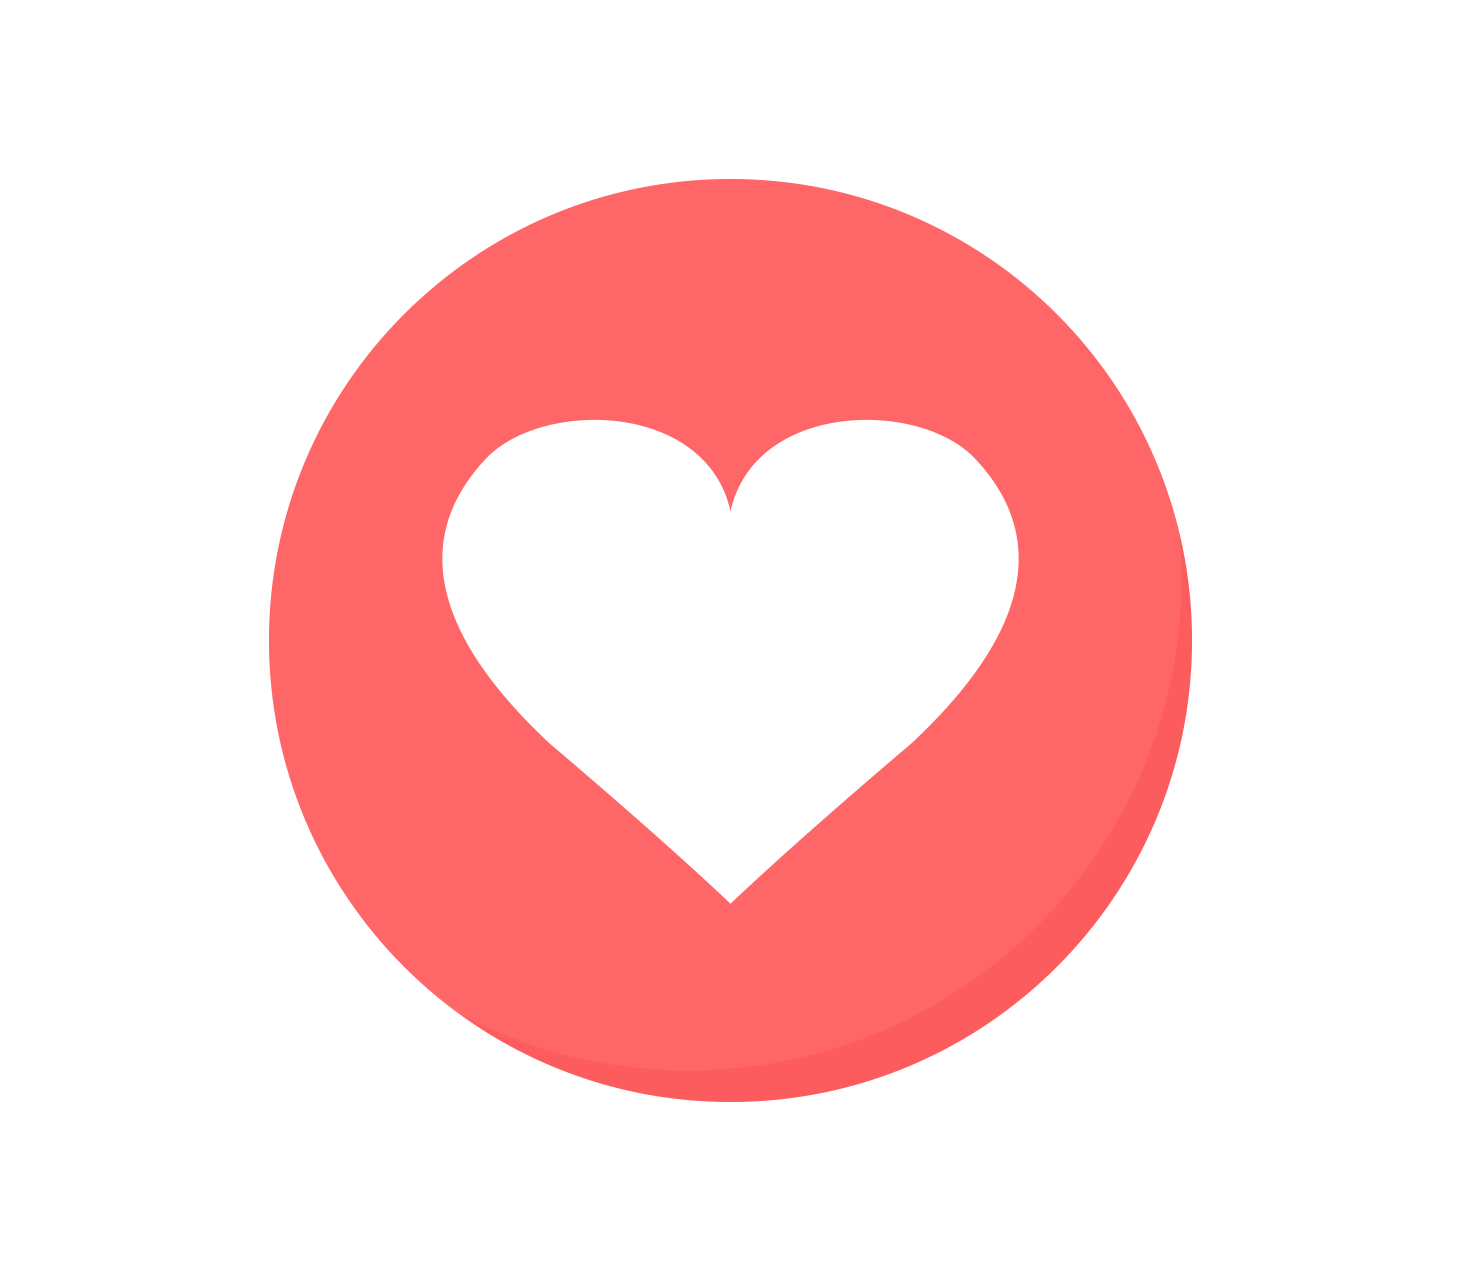 VVS Heart